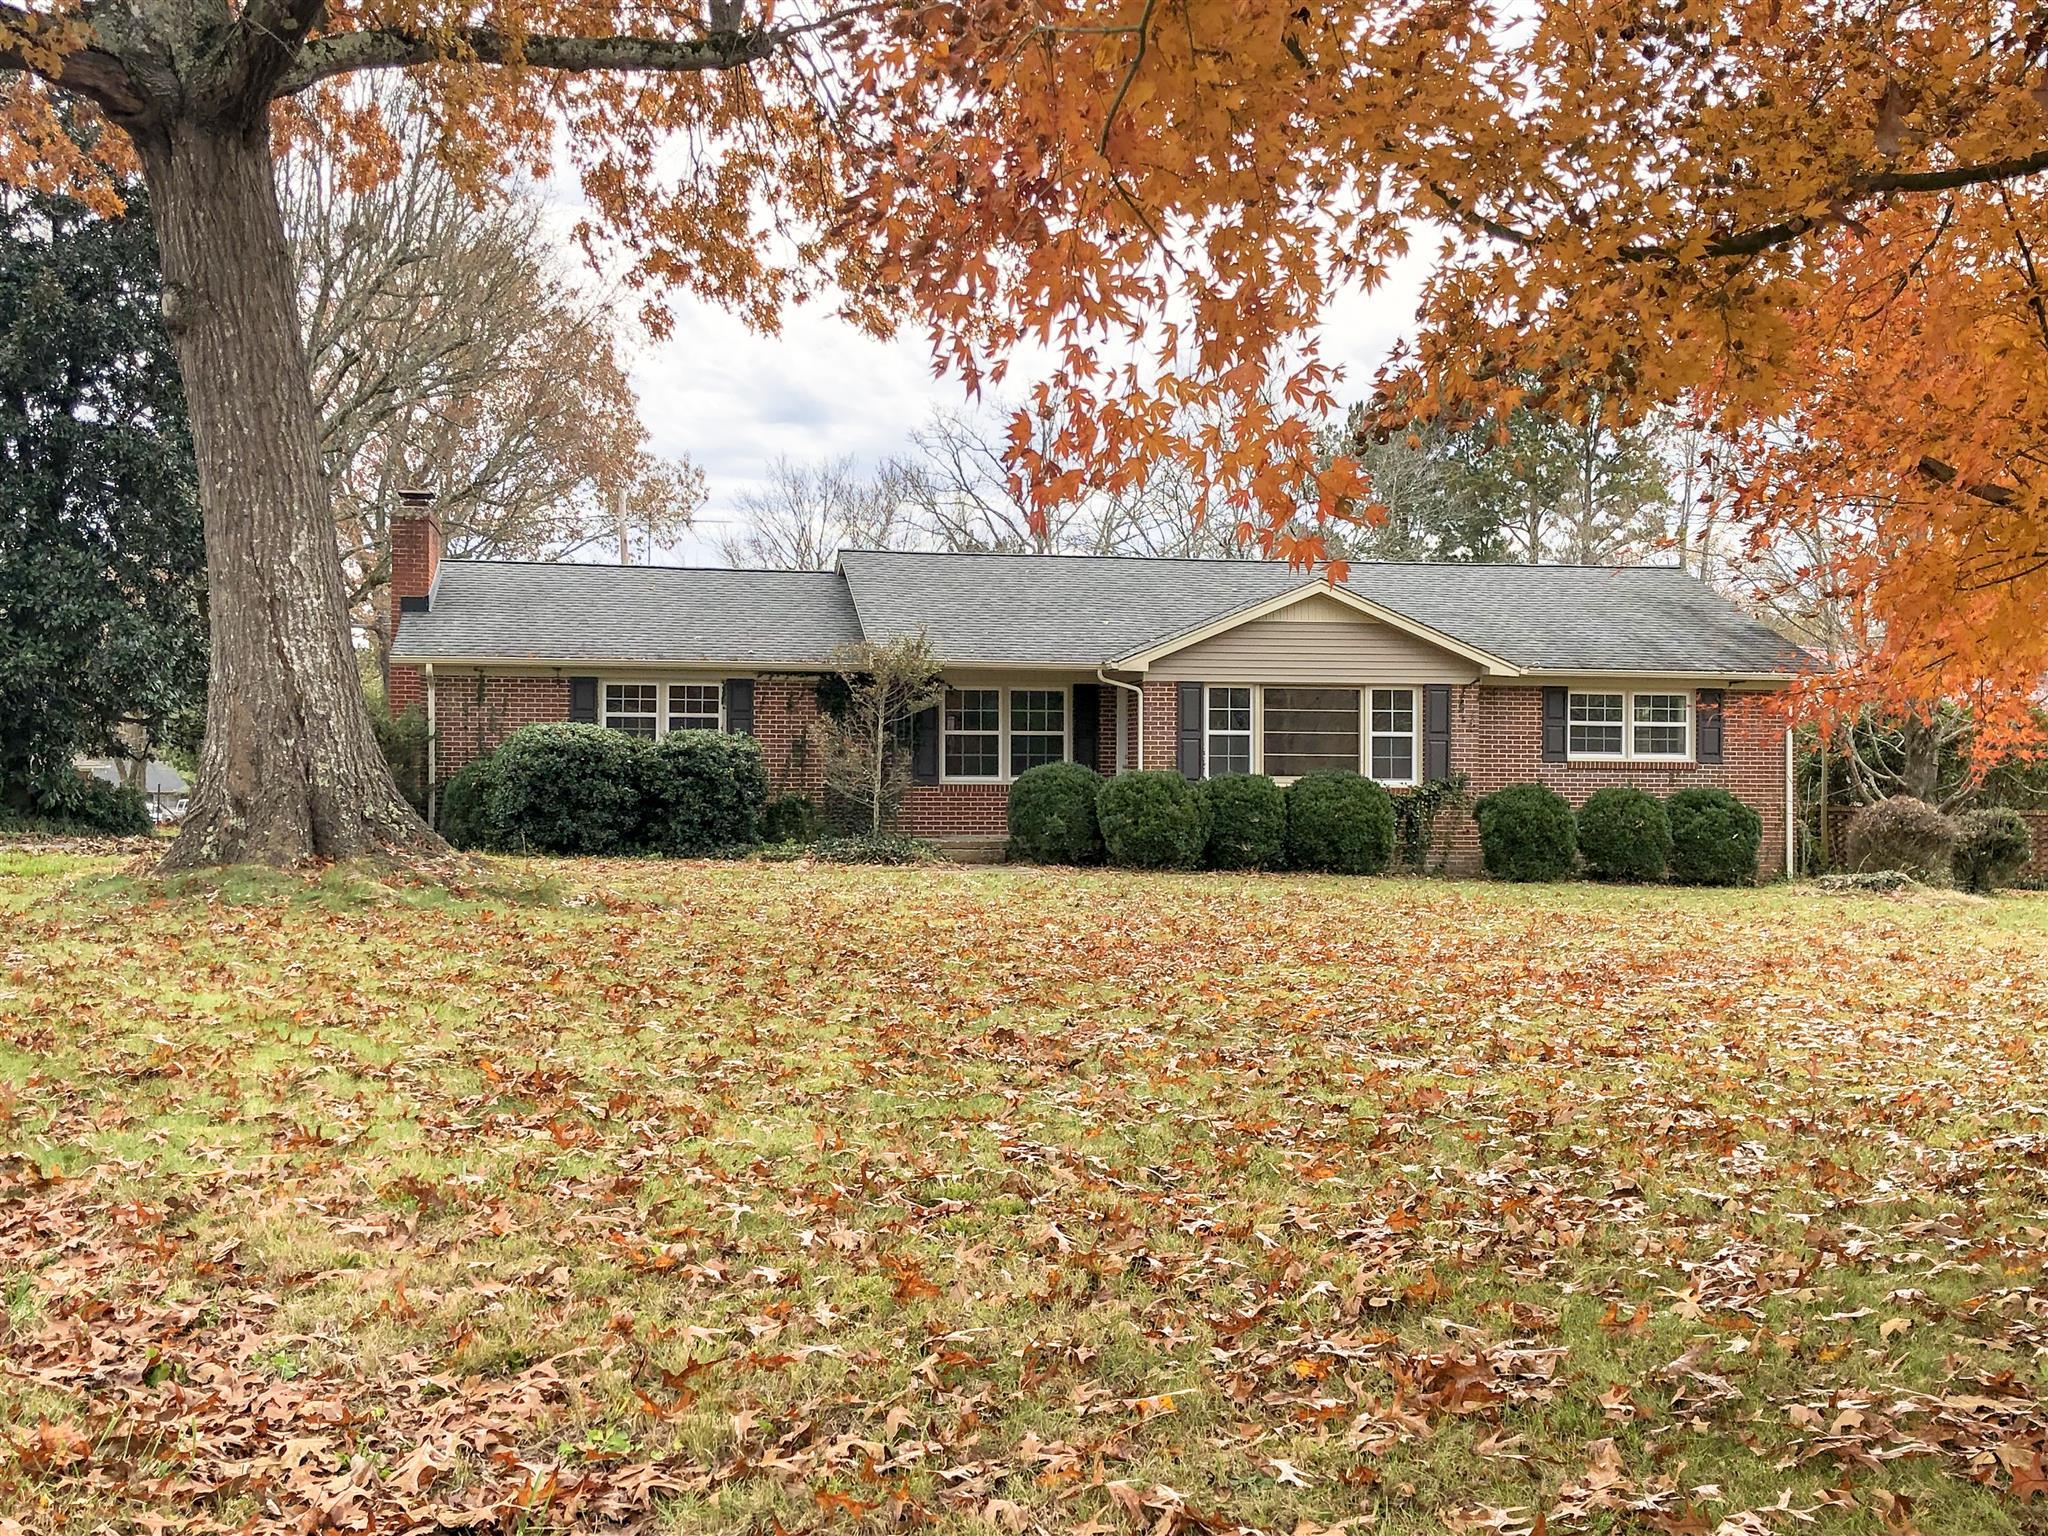 1301 Woodland St, Tullahoma, Tennessee